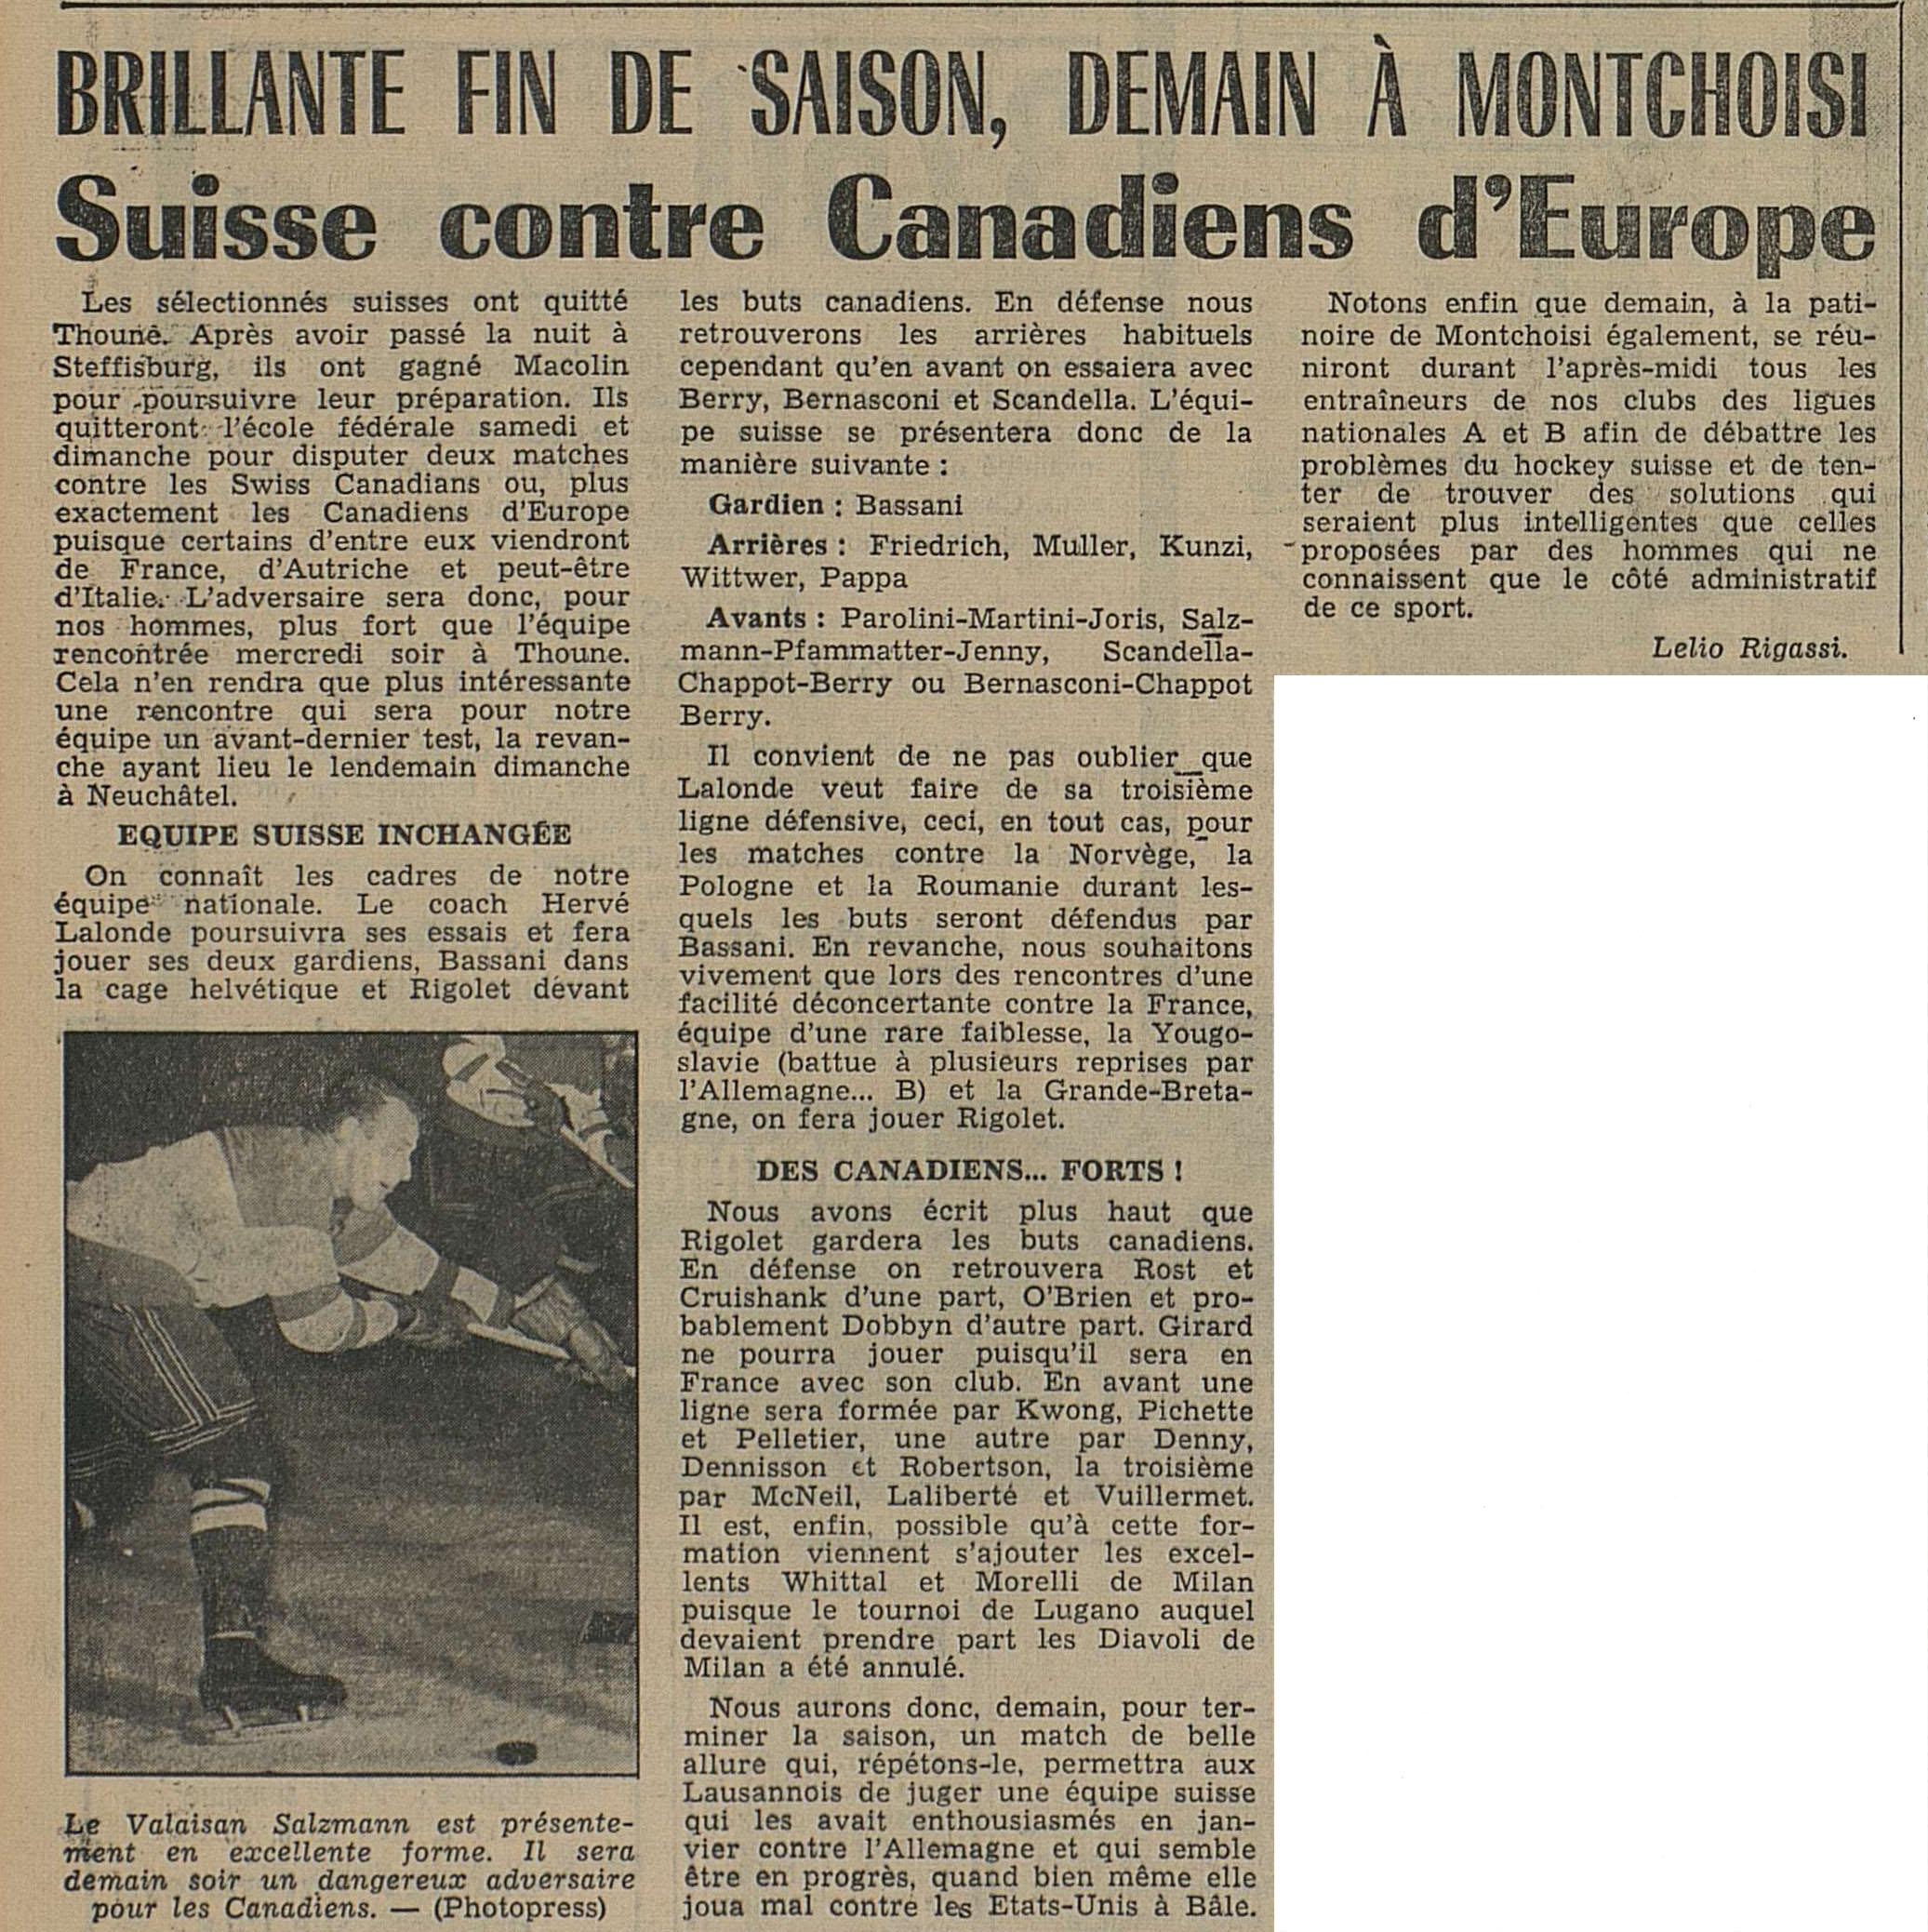 Le Matin - Tribune de Lausanne_19630301-1.jpg